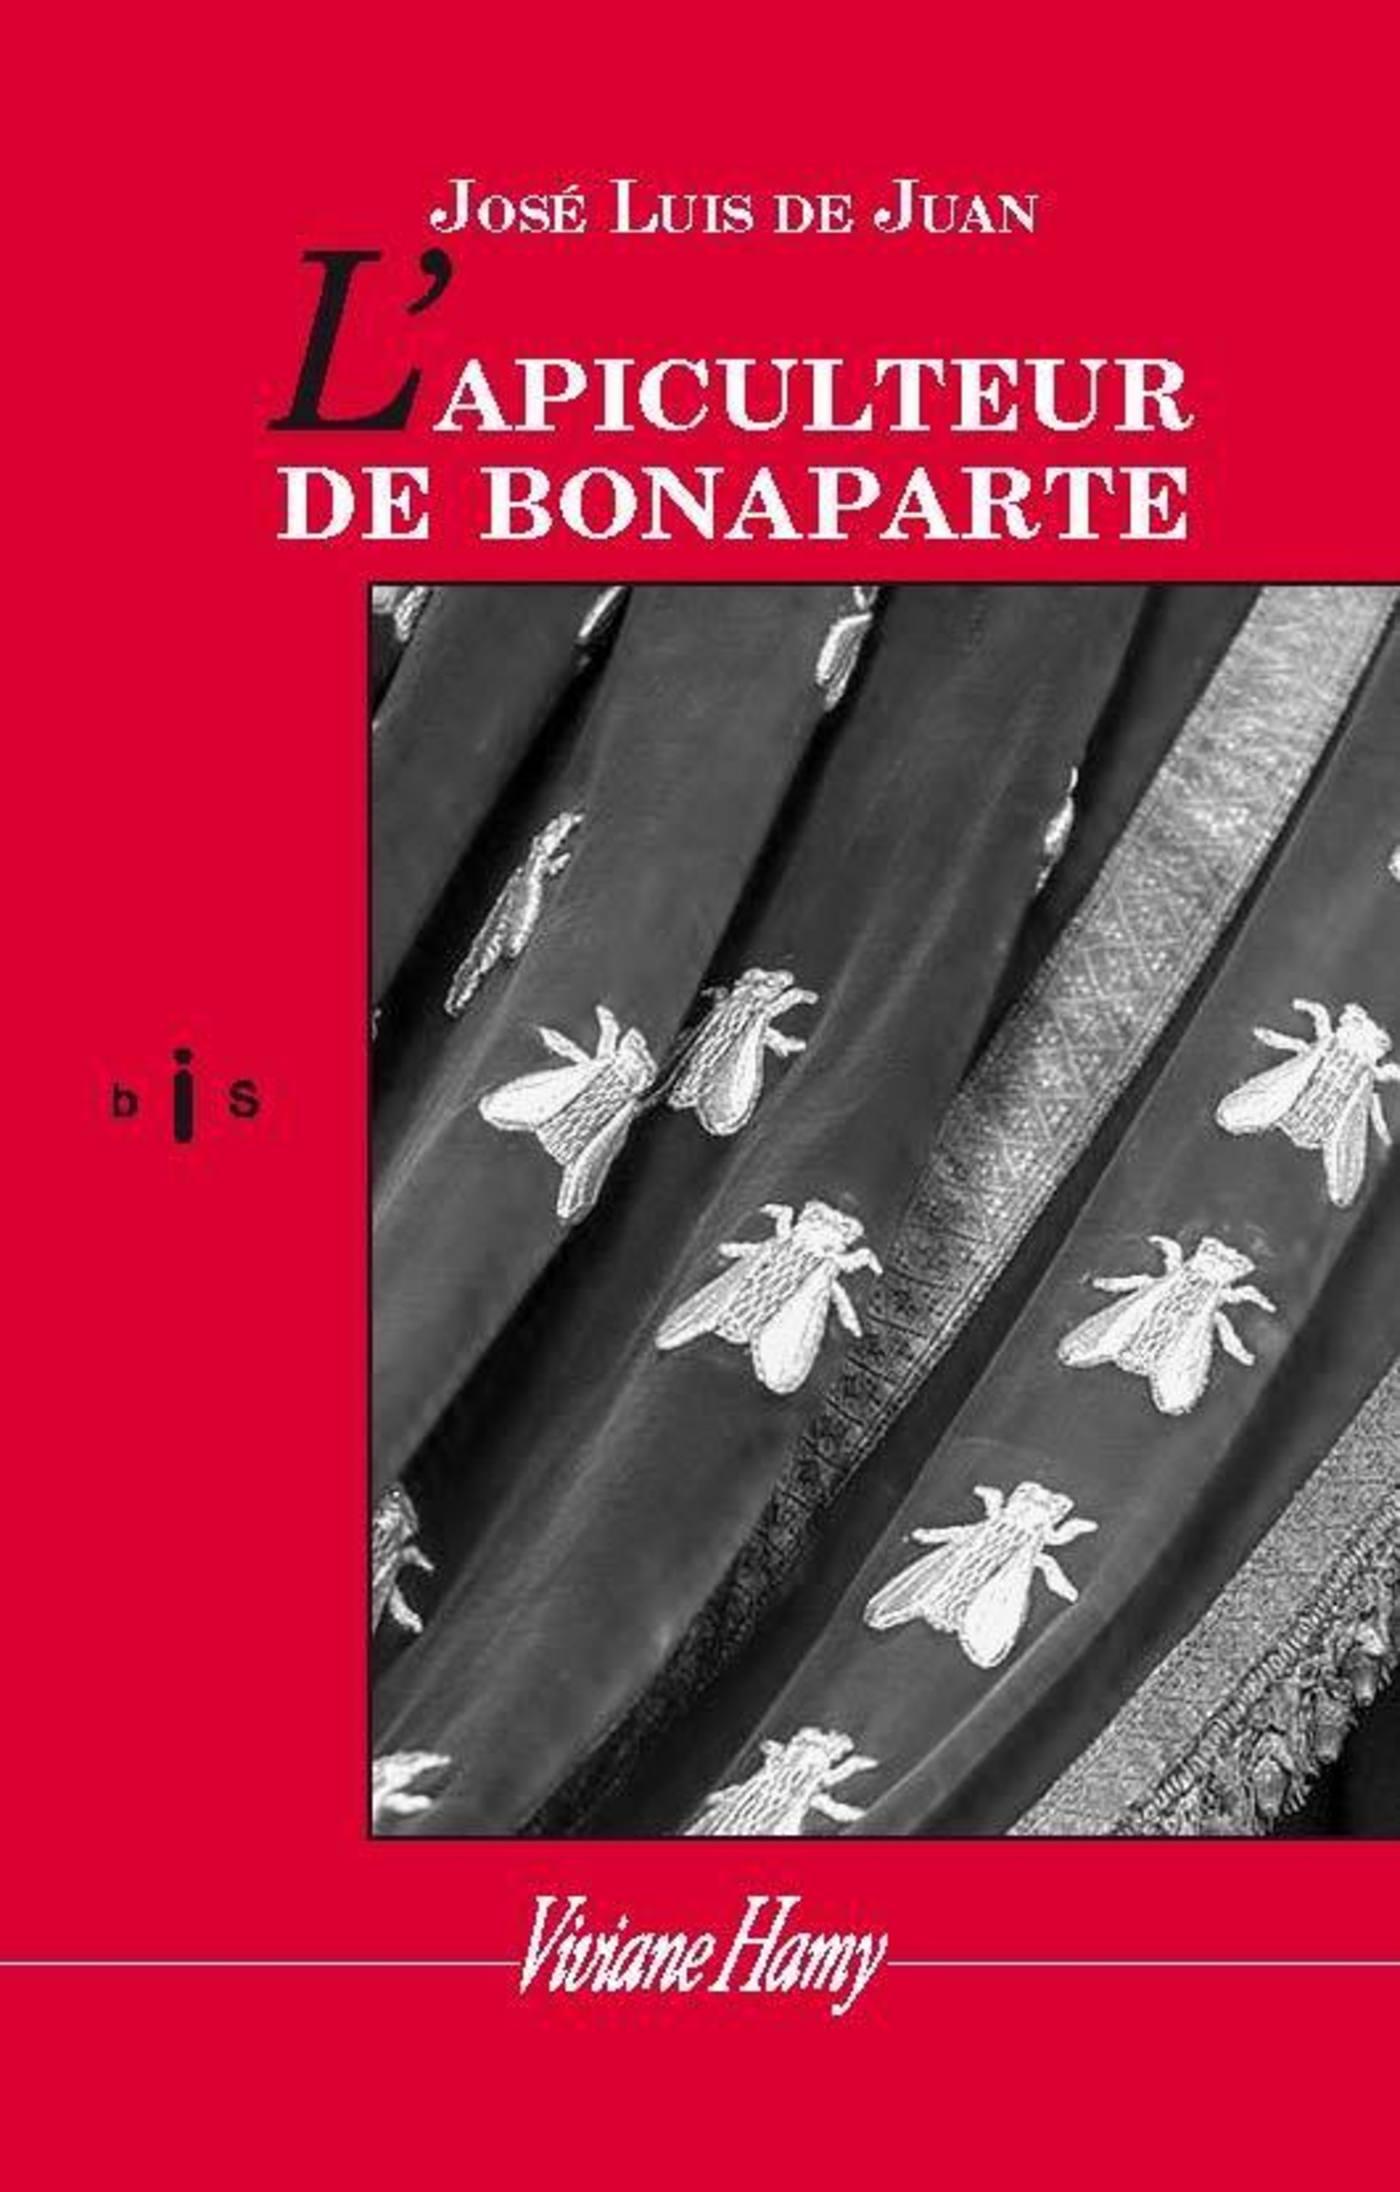 L'Apiculteur de Bonaparte | De juan, Jose luis